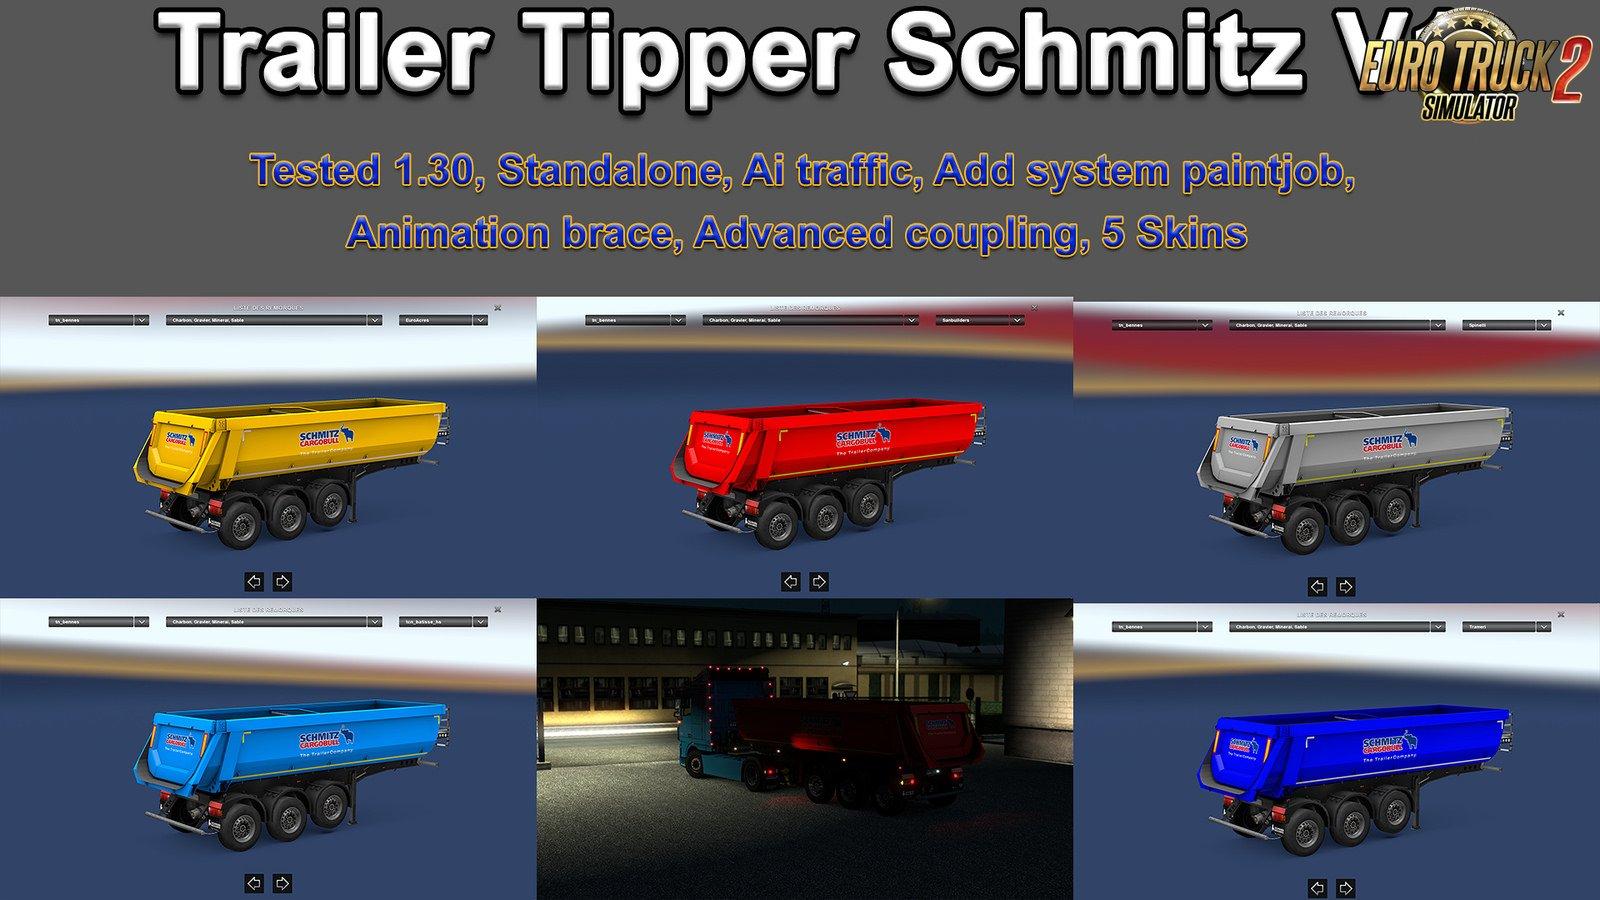 Trailer Tipper Schmitz v1 [1.30.x]